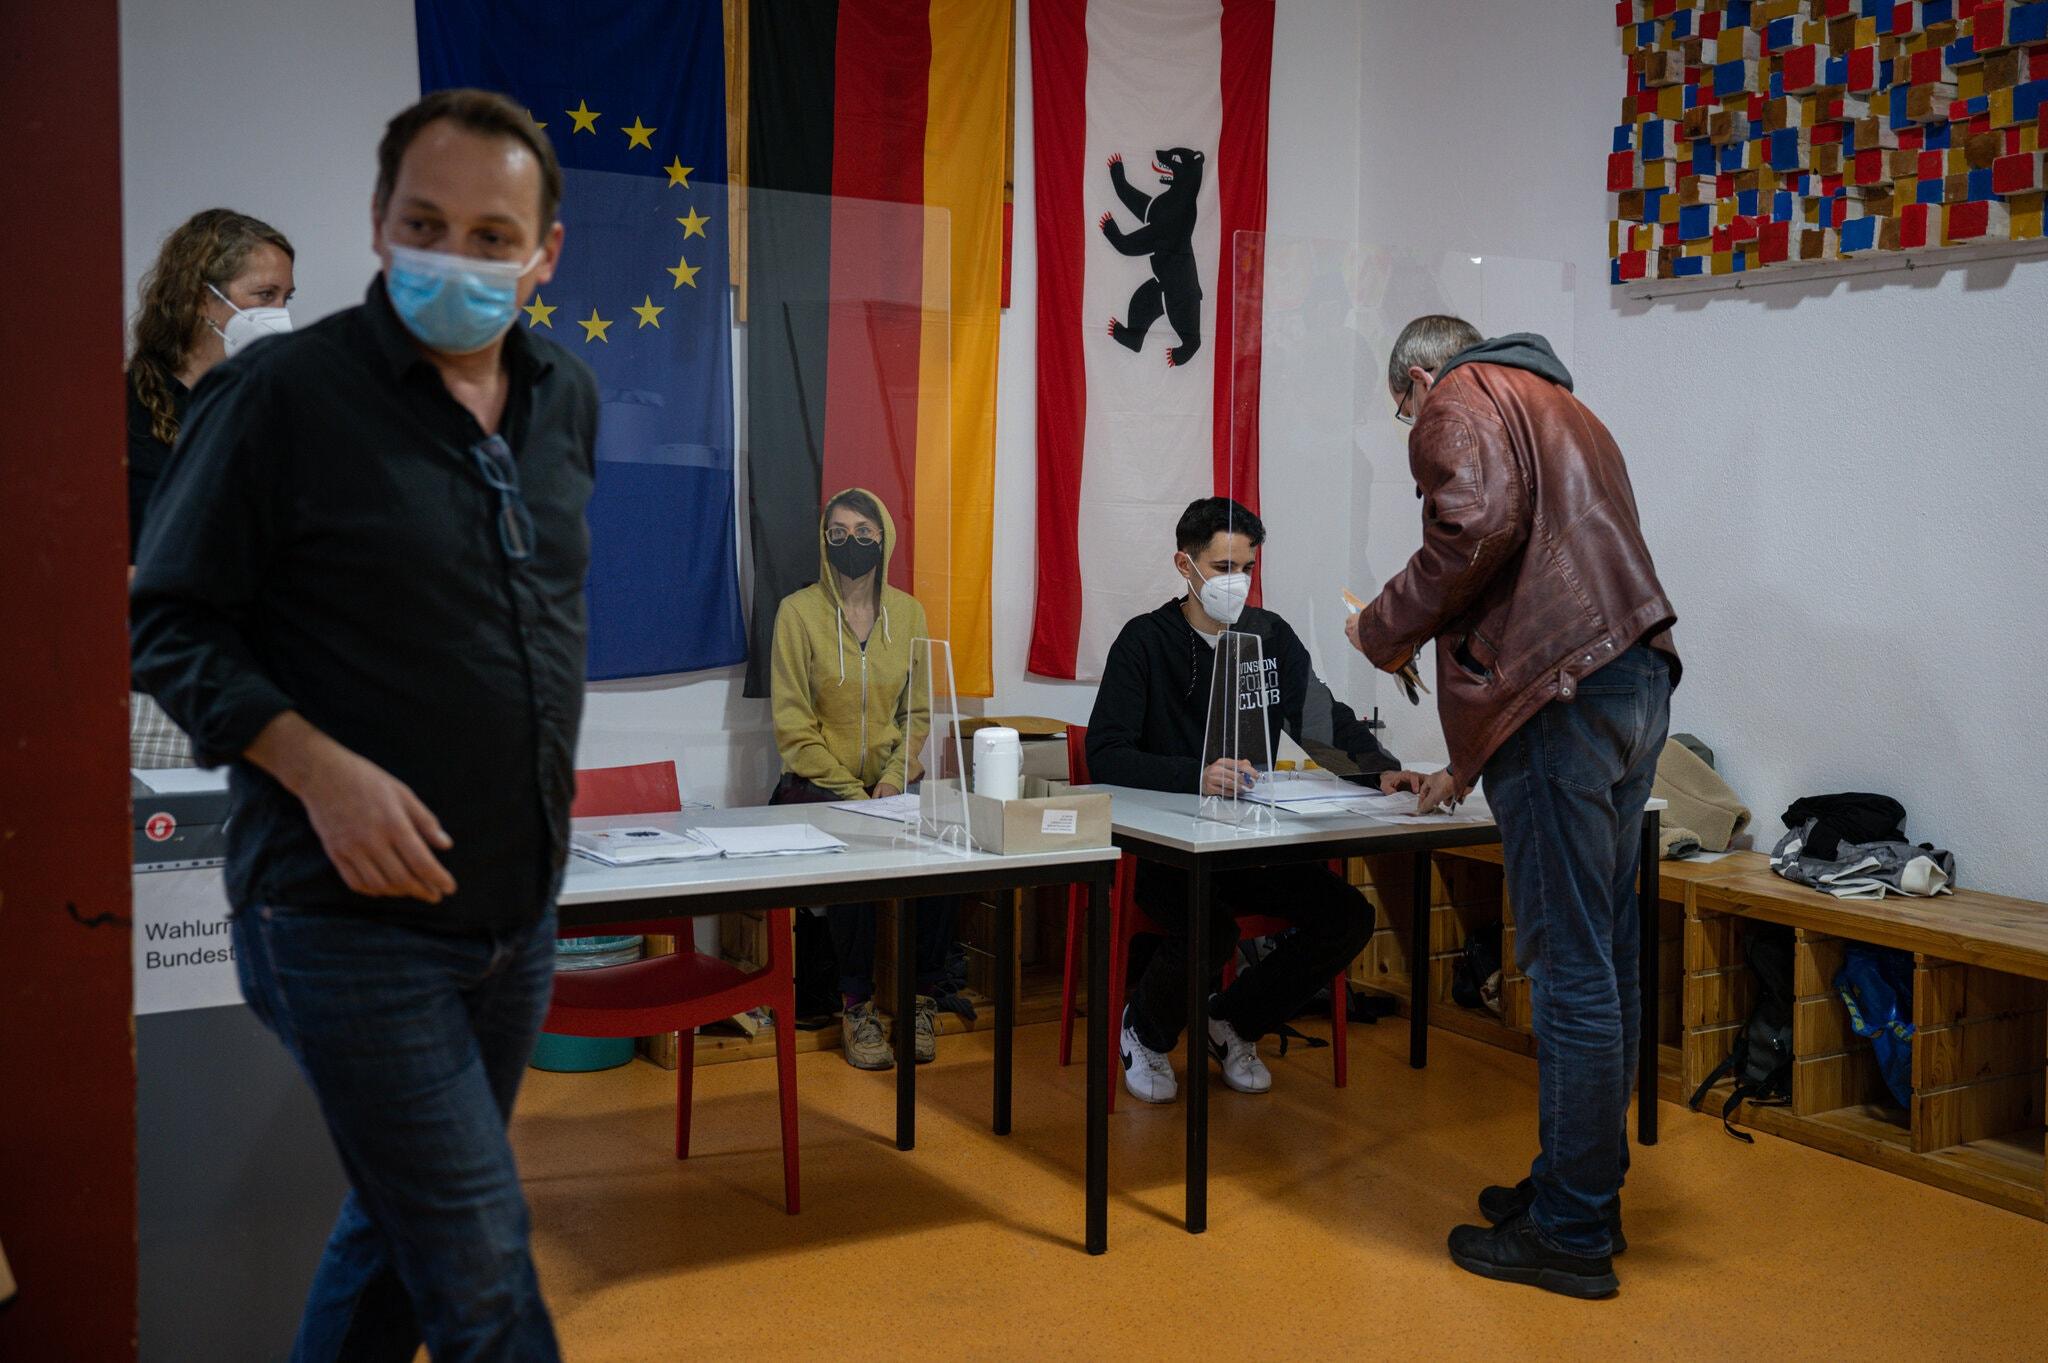 Явка в Берлине на выборах в бундестаг на 13:00 мск составила 27,4% - Фото